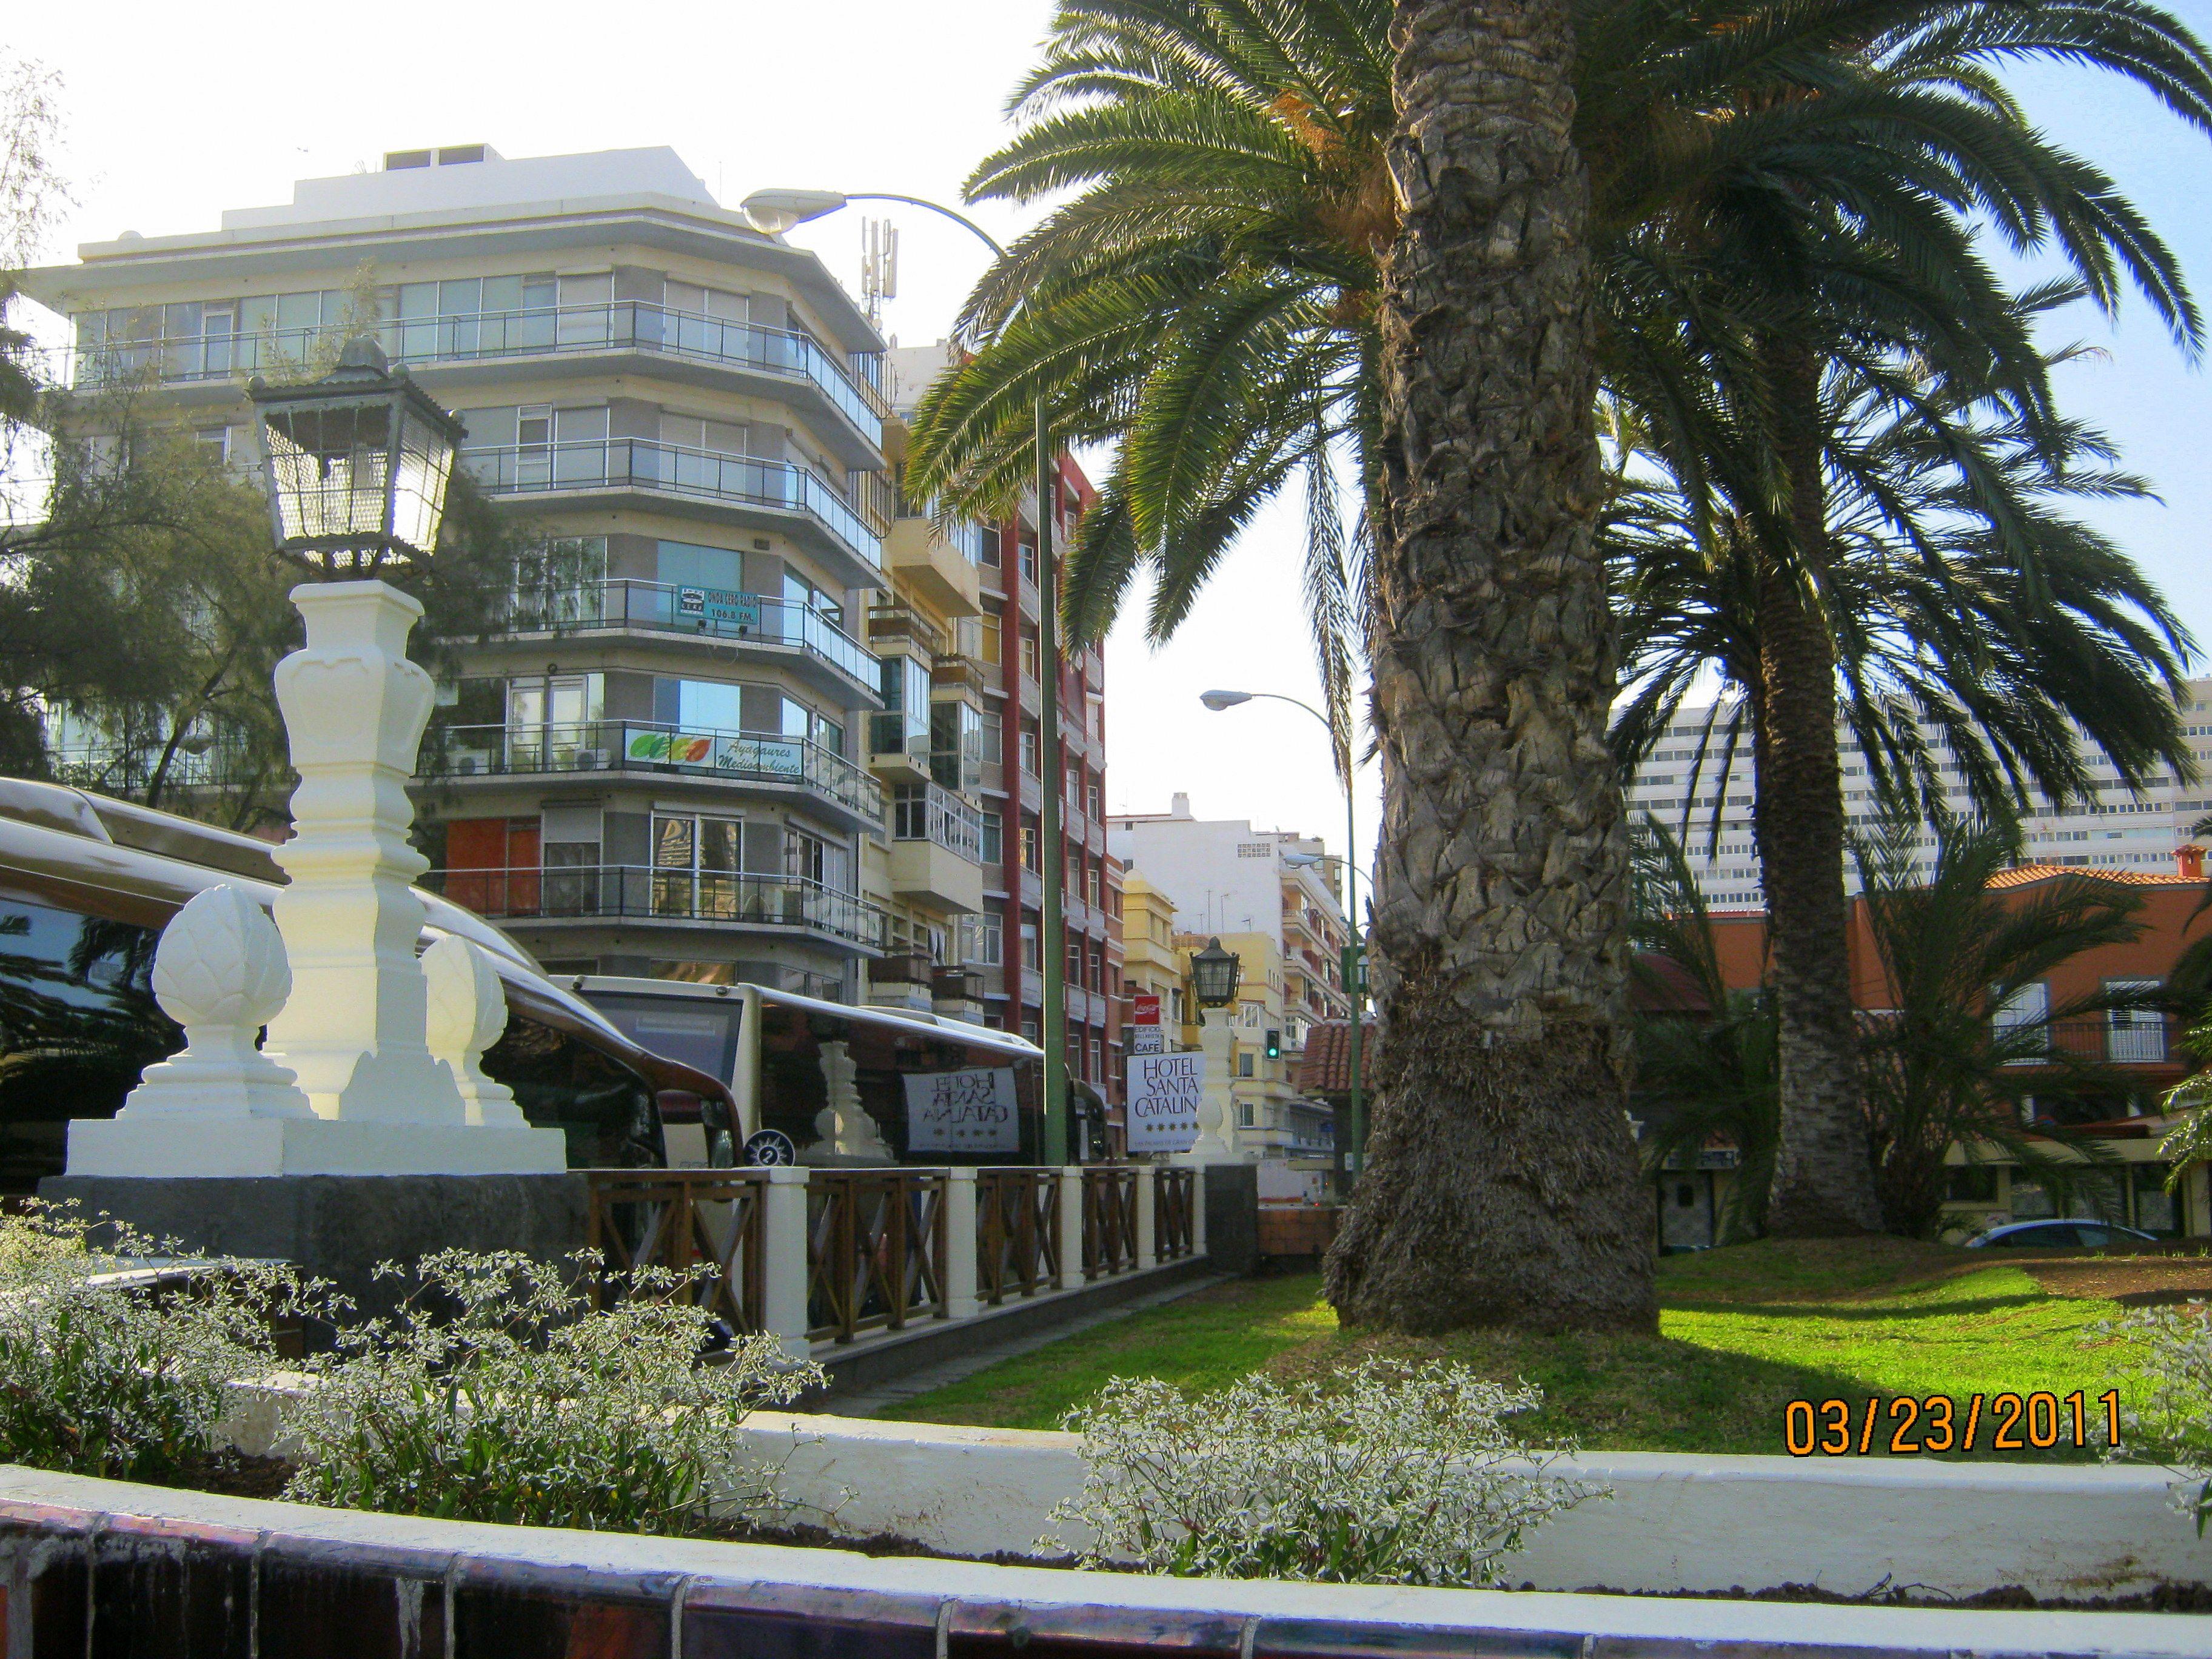 Calle León y Castillo Las Palmas de Gran Canaria, Canarias